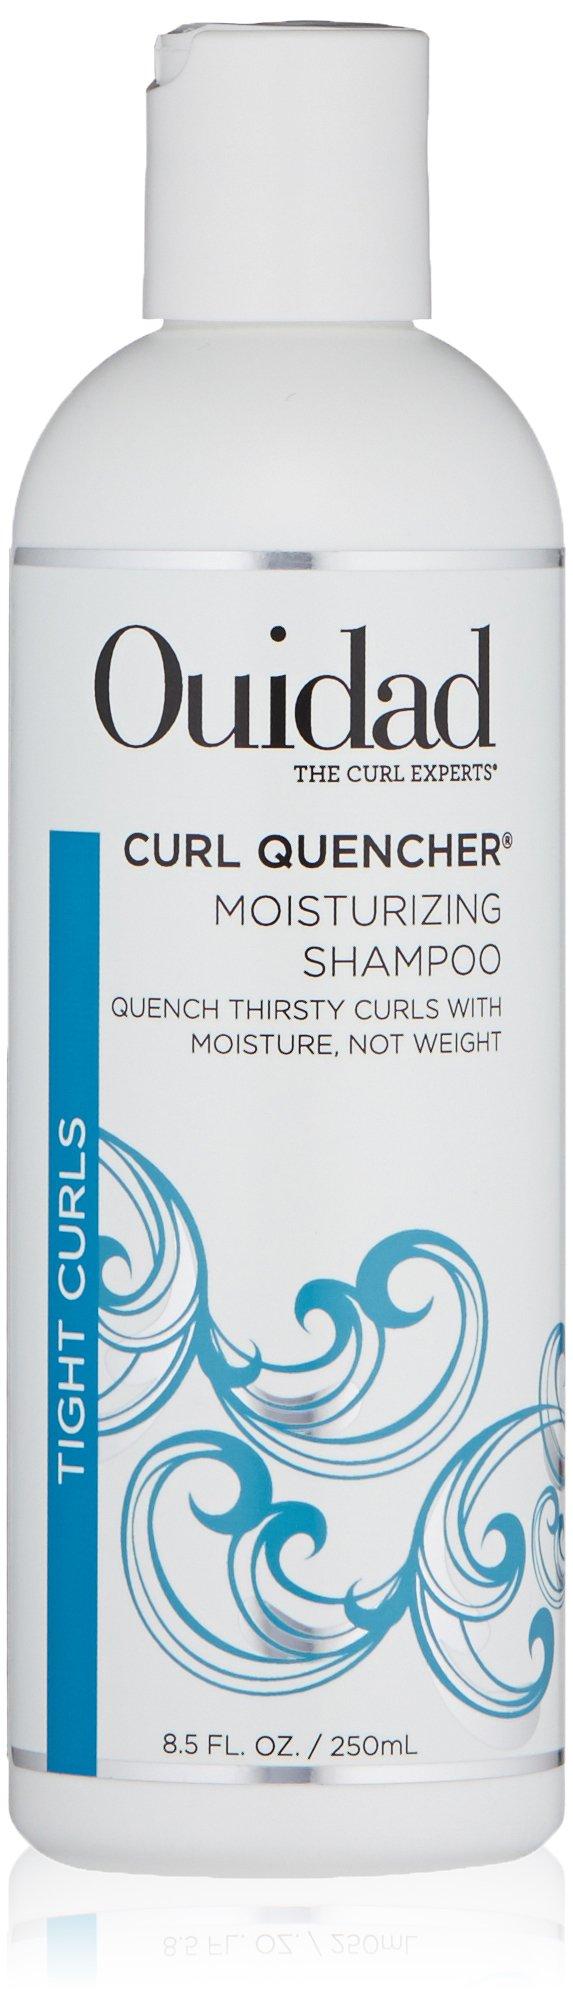 Ouidad Curl Quencher Moisturizing Shampoo, 8.5 Fl Oz by Ouidad